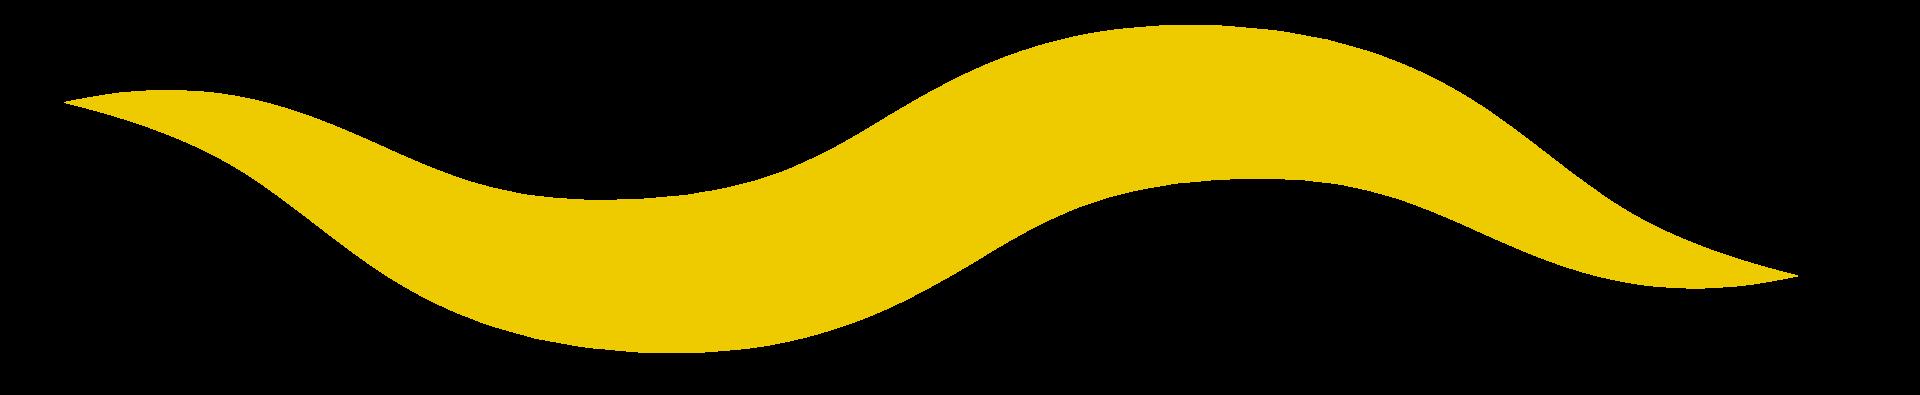 trocken-mesiter-frankfurt-welle